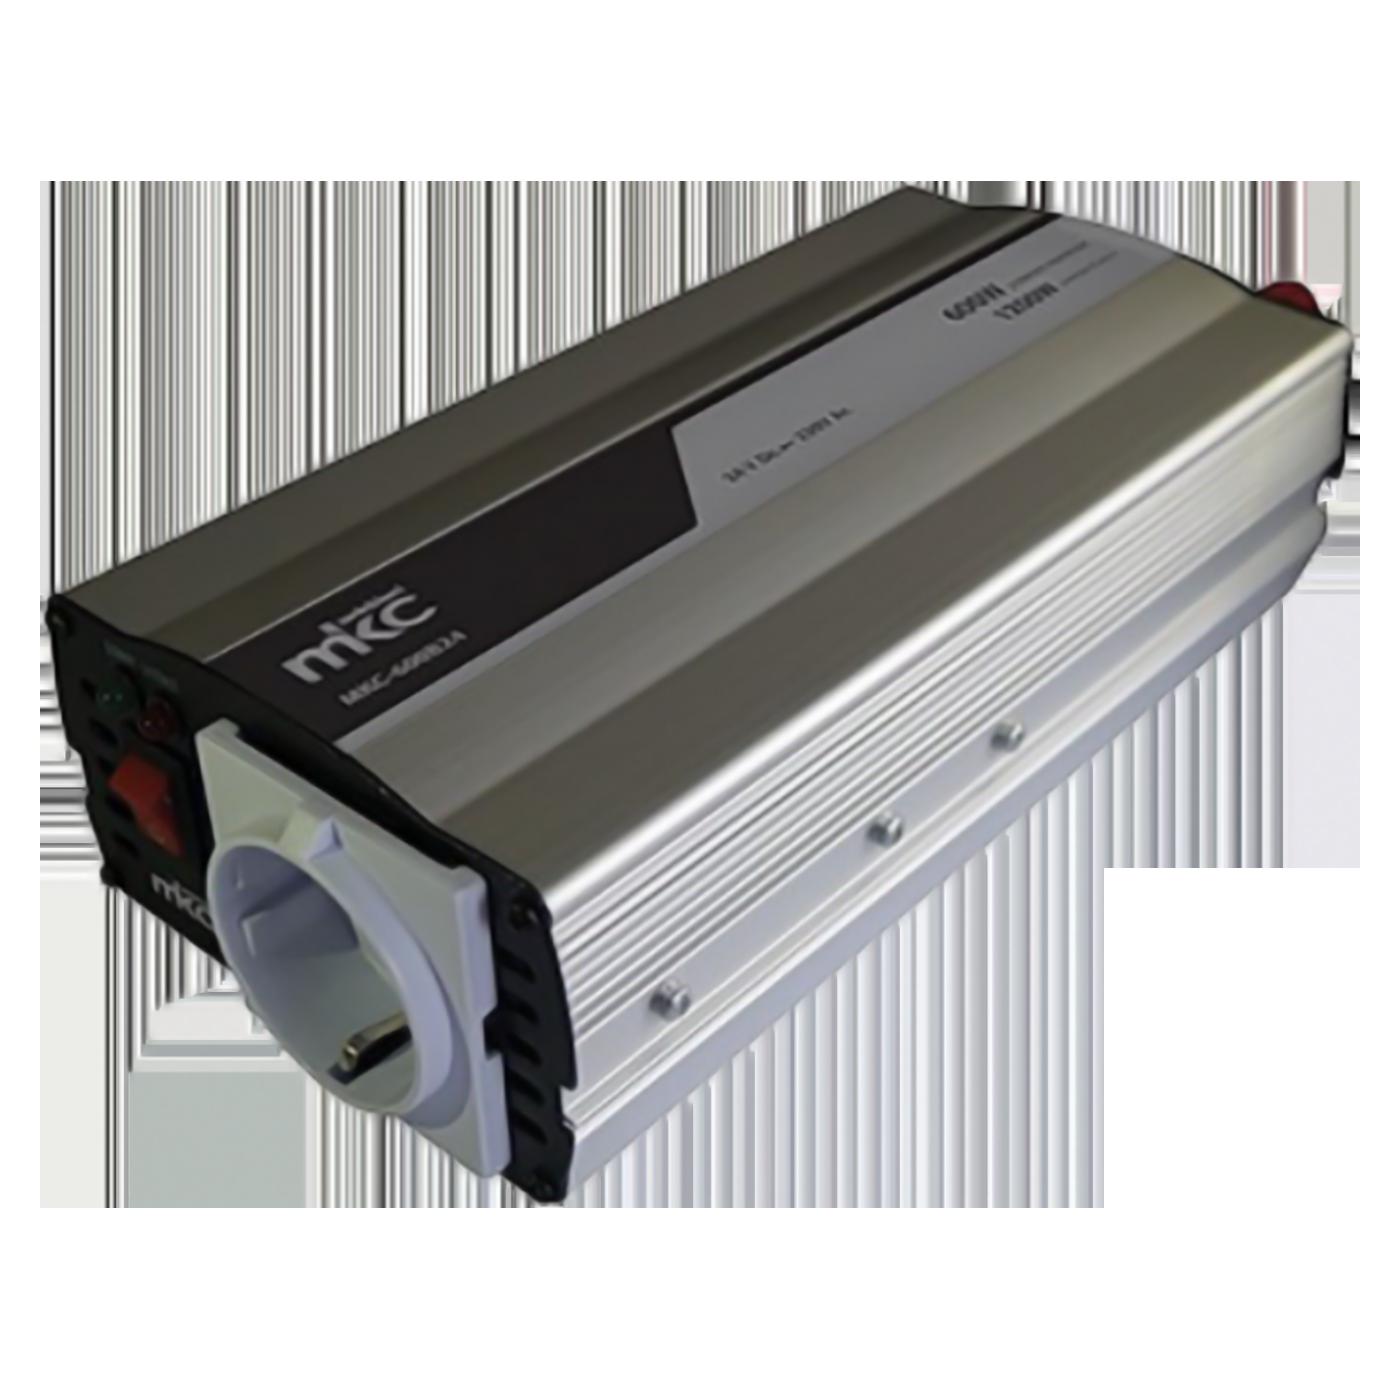 MKC - MKC-600B24